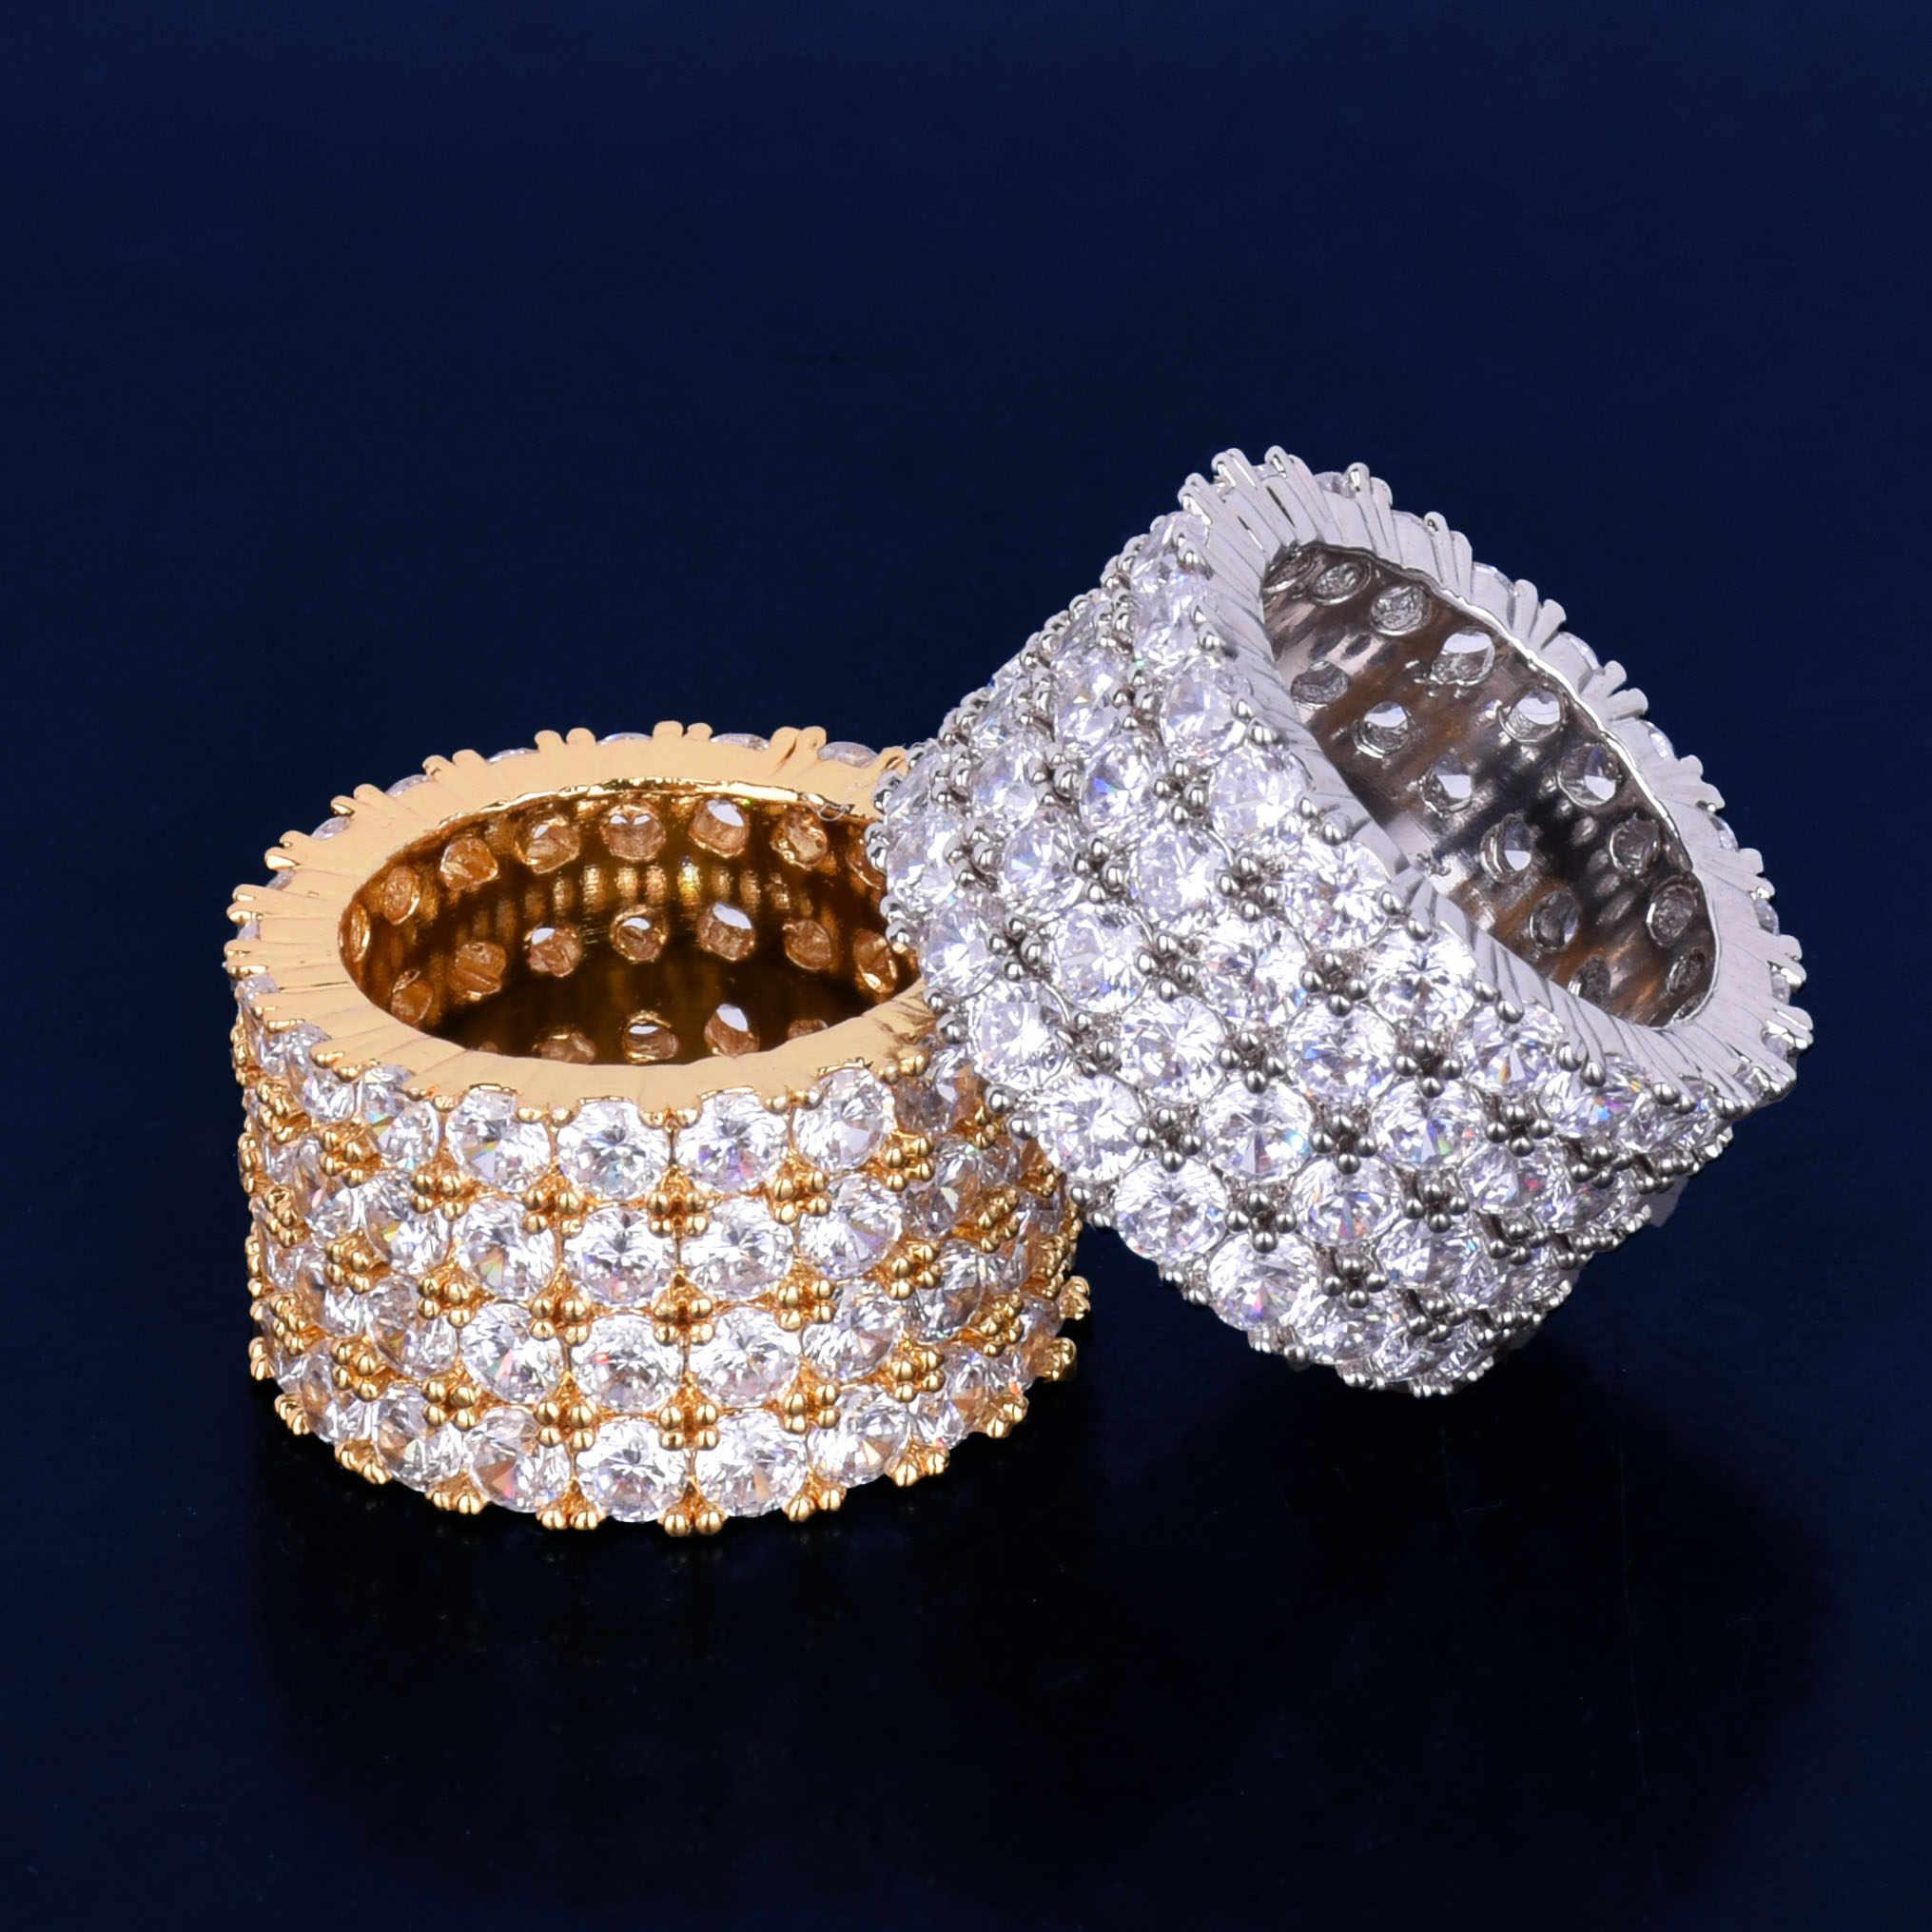 สี่แถว Solitaire แหวนผู้ชายทองแดง Charm Silver Silver Cubic Zircon เย็นแหวนแฟชั่นเครื่องประดับ Hip Hop 1.3 ซม. ความกว้าง